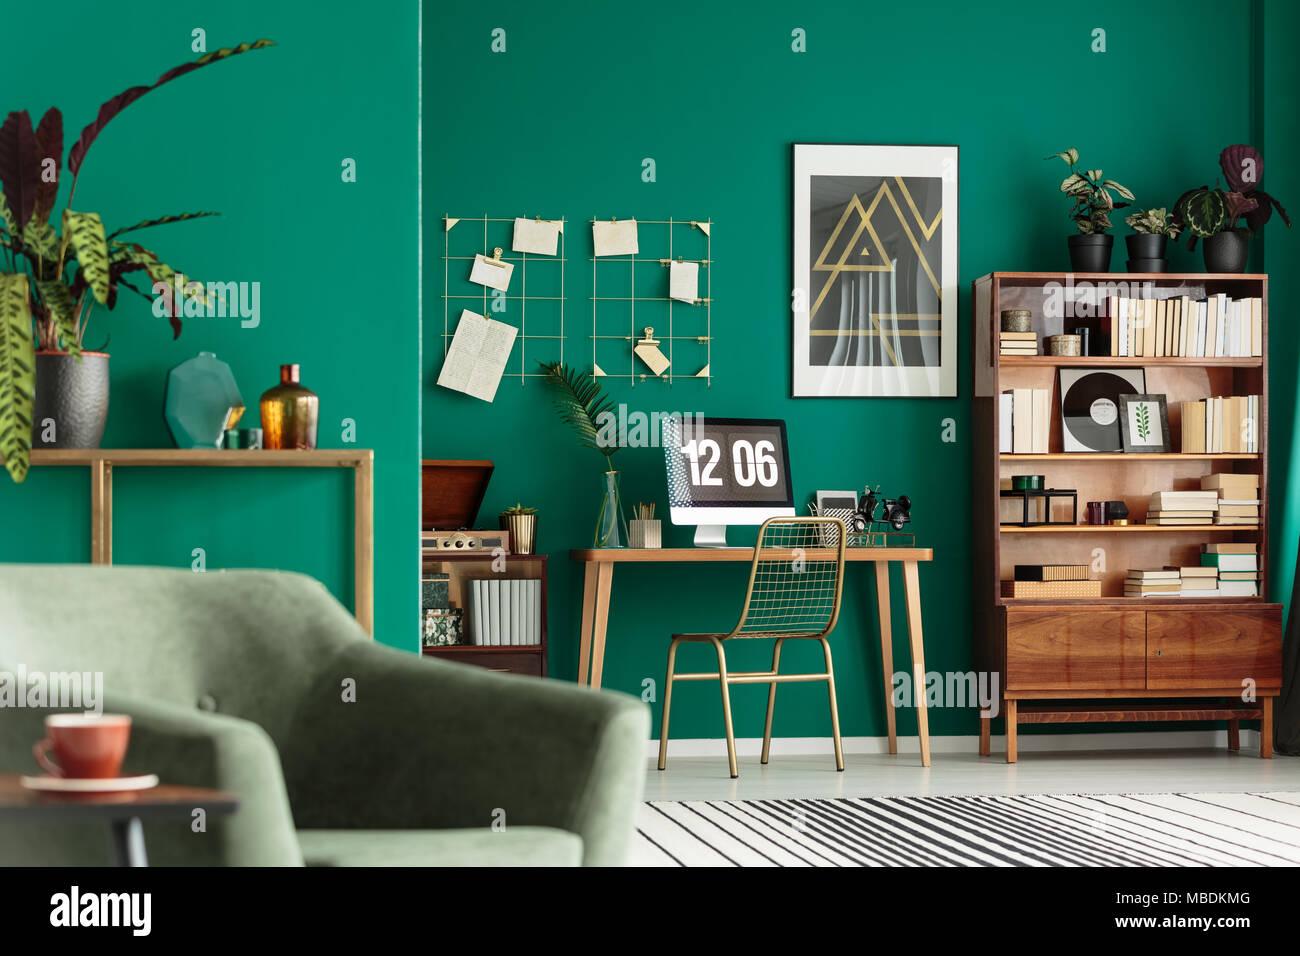 Salon vert intérieur avec des livres sur l'armoire en bois et un bureau pour le travail à distance Photo Stock